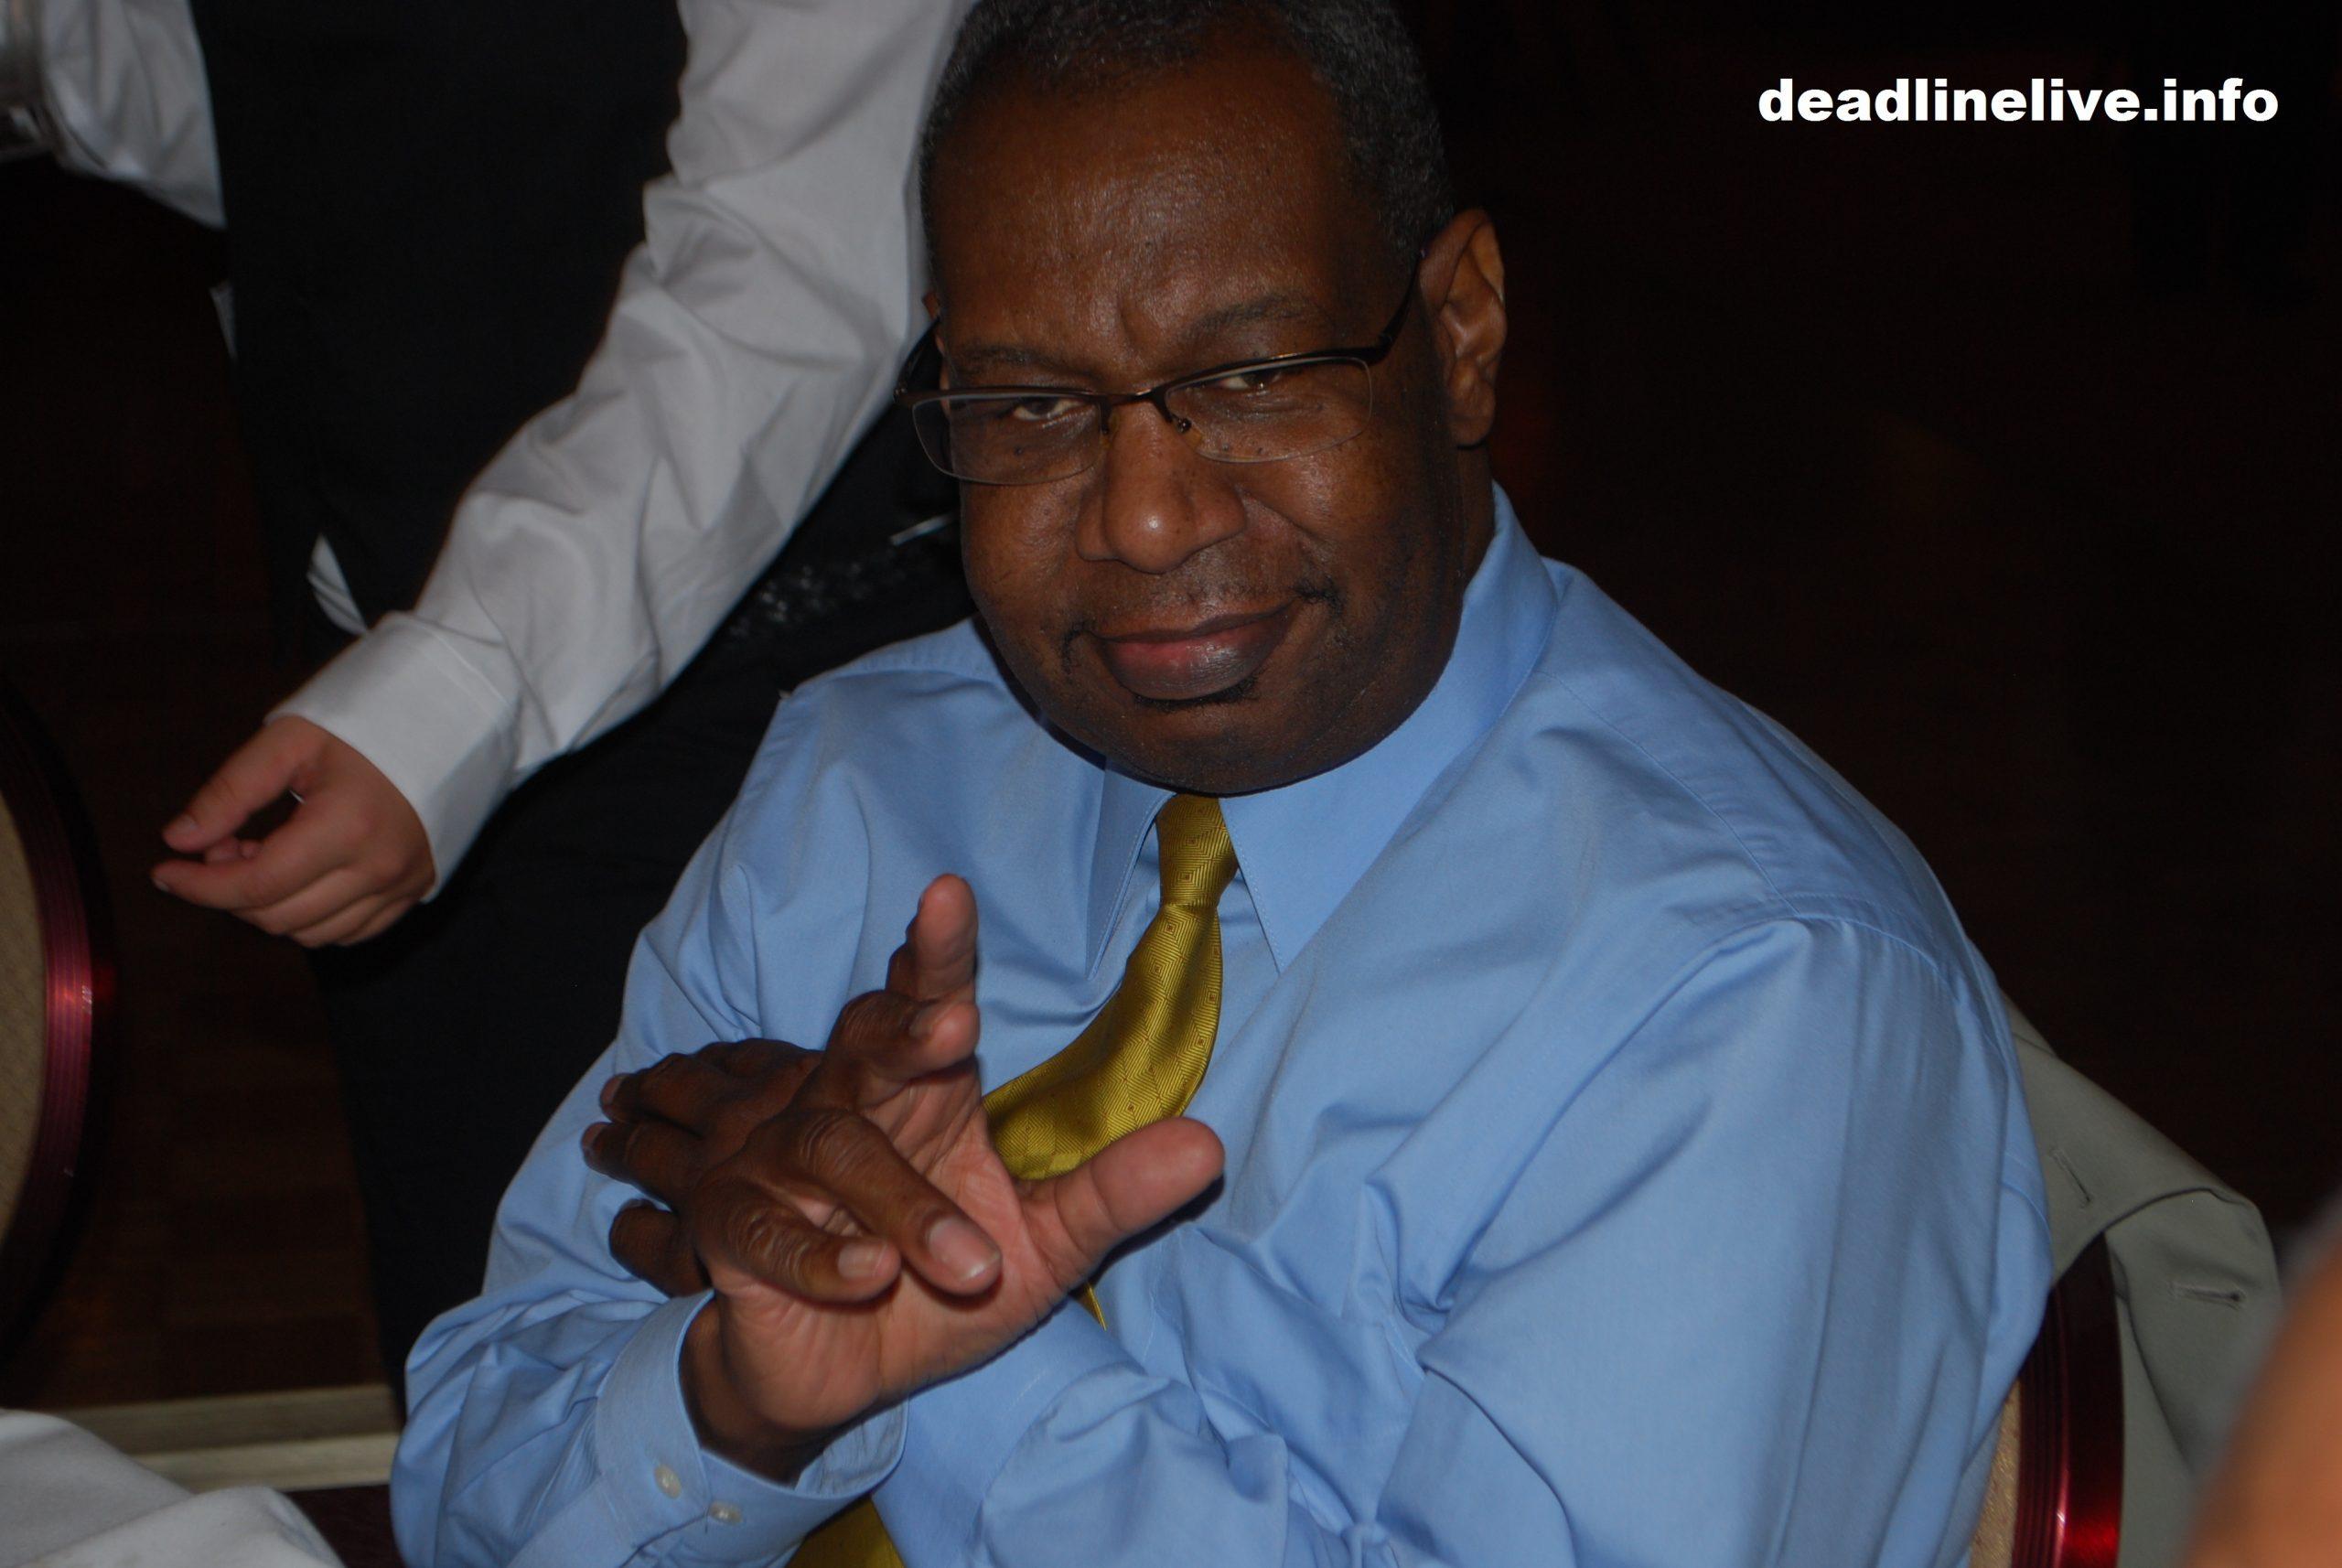 Saginaw Radio Pioneer Chris Banks Dies At 75